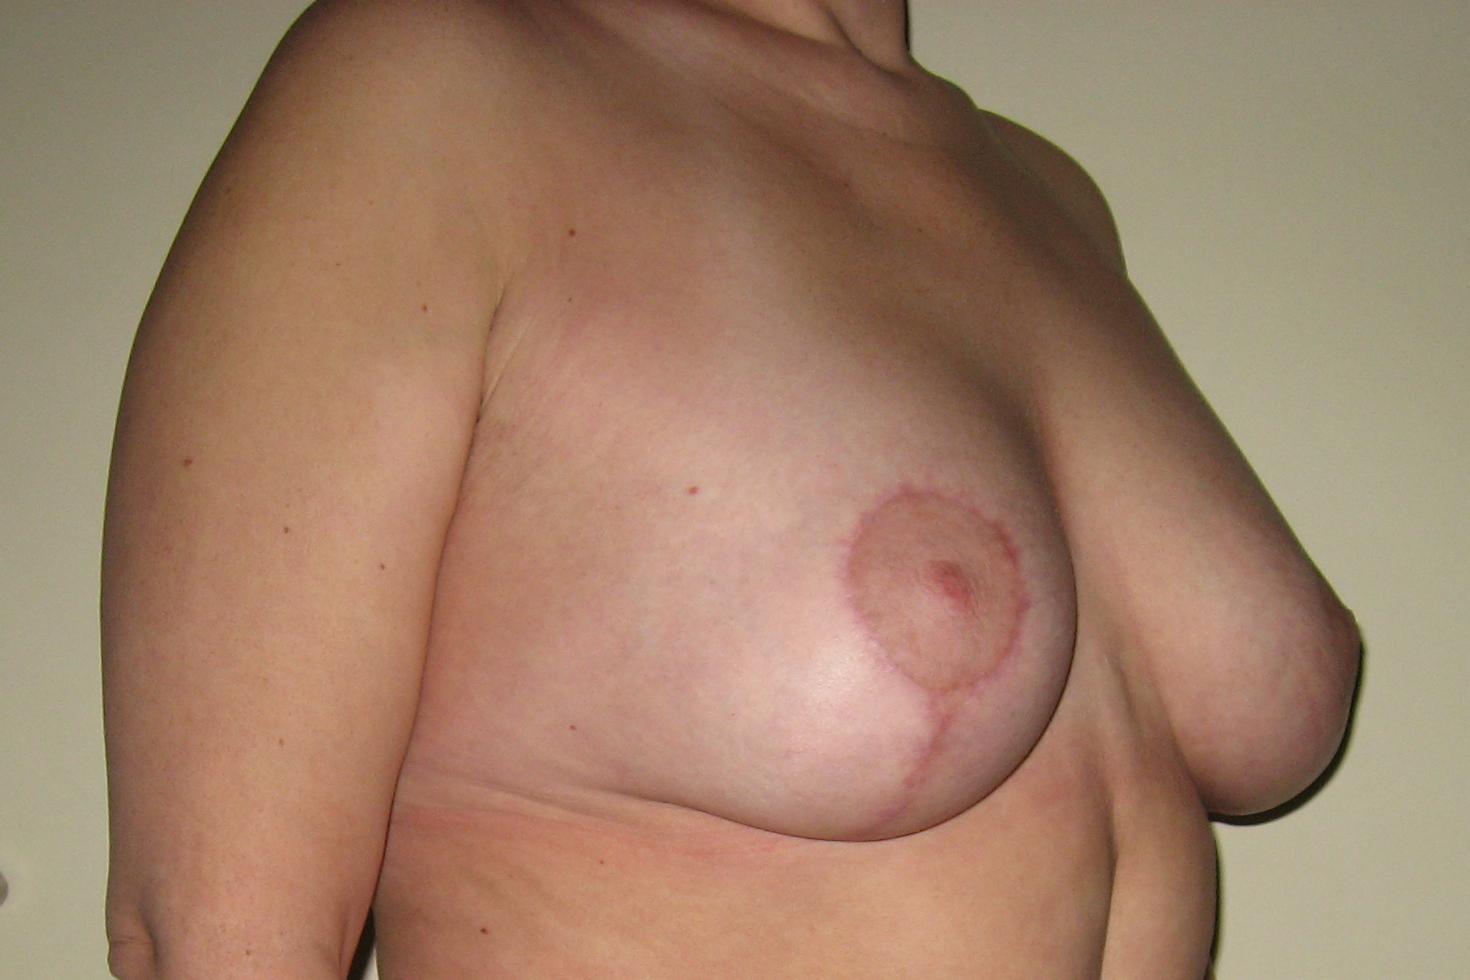 Операция по уменьшению груди - редукционная маммопластика. Коррекция формы